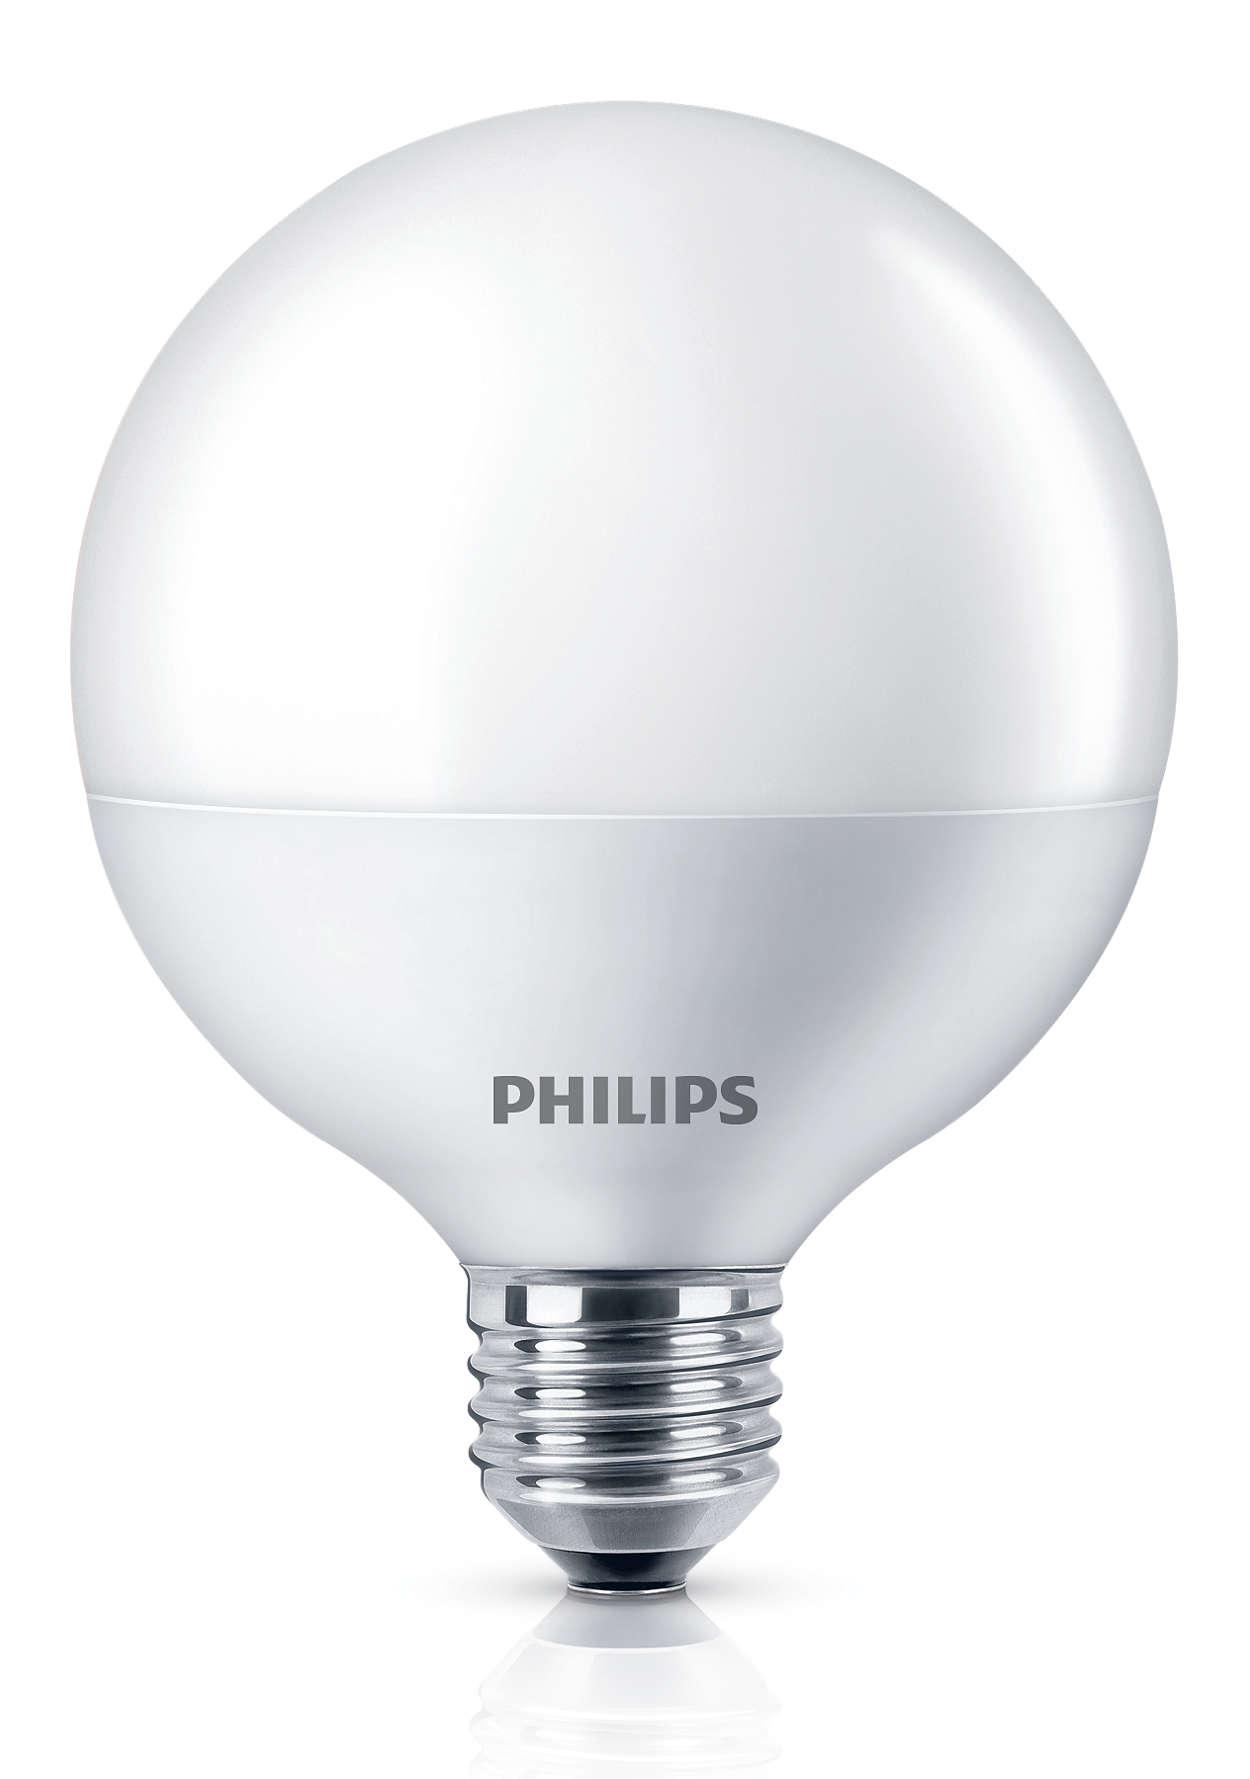 持久耐用的完美 LED 燈泡